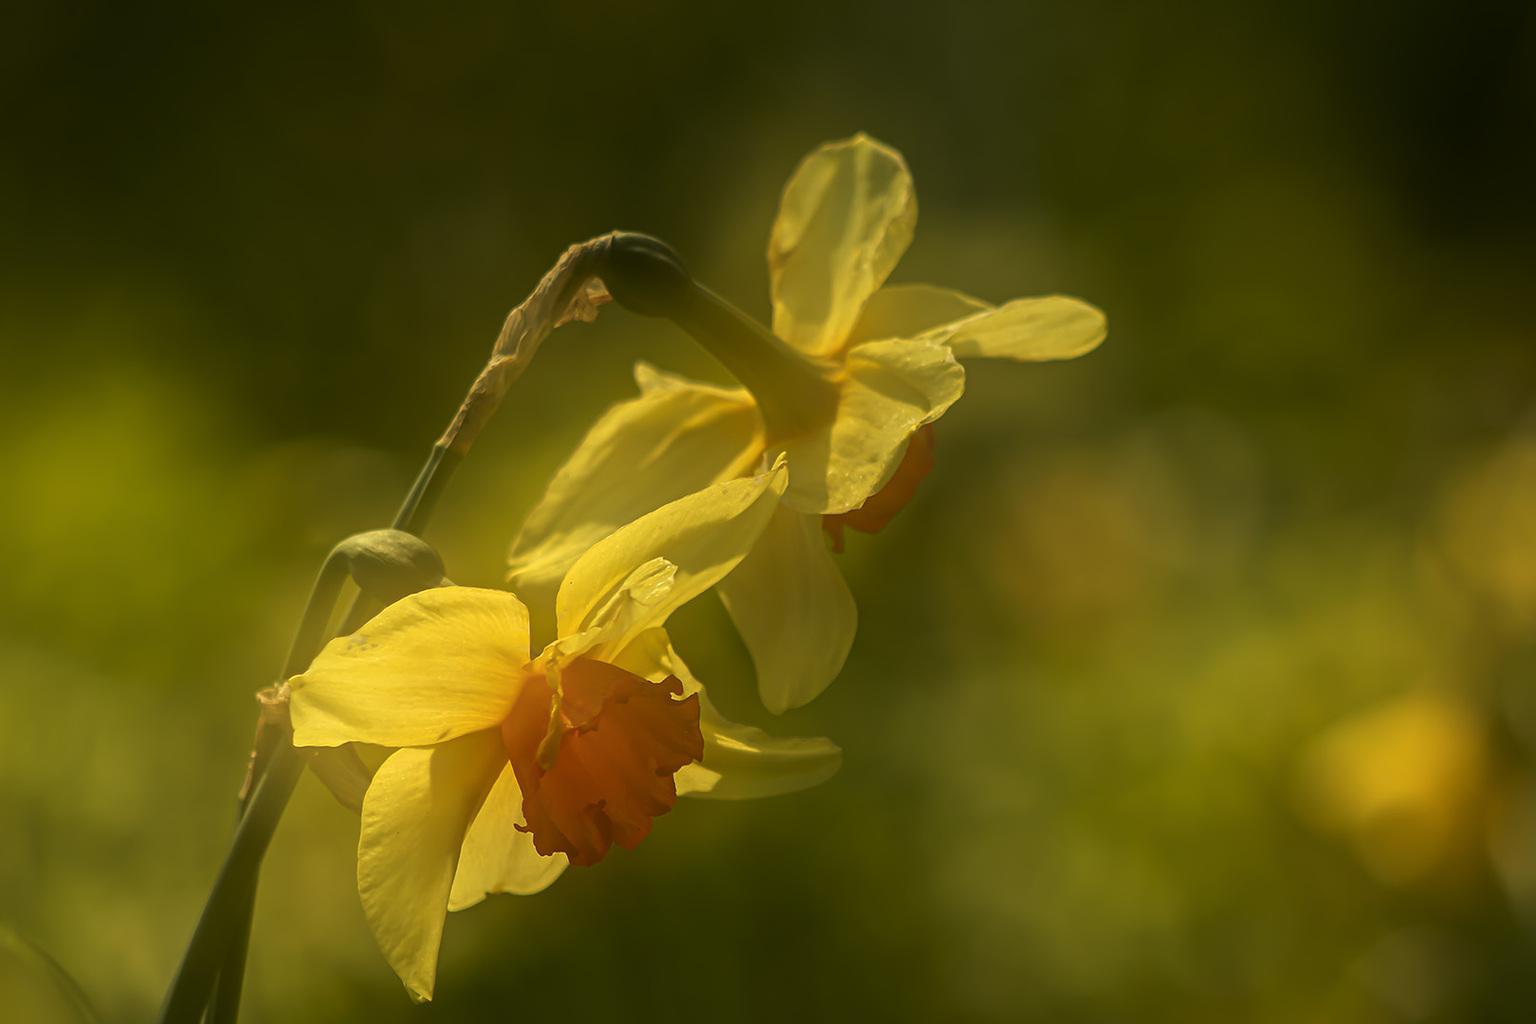 Narcissen  - Het lentegevoel.   Iedereen bedankt voor de fijne reacties bij mijn vorige opname.  - foto door Dodsi op 16-04-2021 - locatie: Clingendael, 2244 VH Den Haag, Nederland - deze foto bevat: narcissen, bloemen, geel, natuur, lente, voorjaar, zon, dubbele belichting, bloem, fabriek, bloemblaadje, terrestrische plant, gras, kruidachtige plant, pedicel, natuurlijk landschap, bloeiende plant, macrofotografie